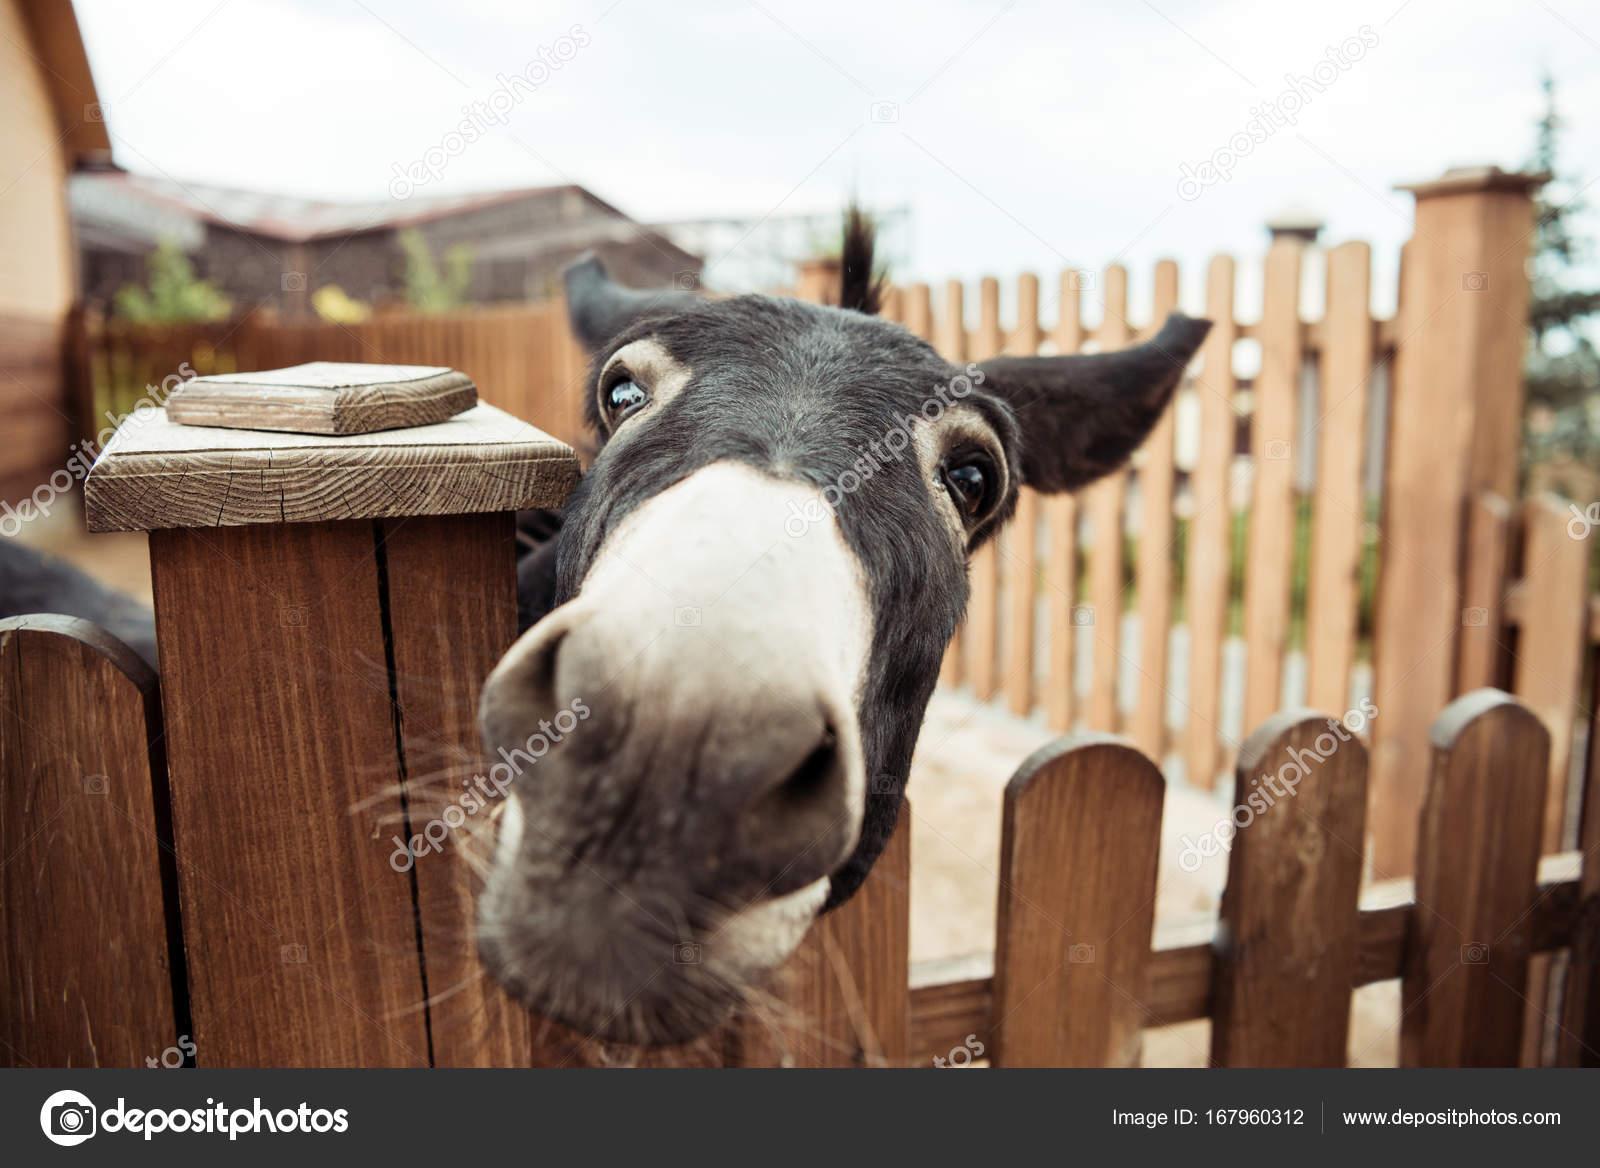 Donkey — Stock Photo, Image